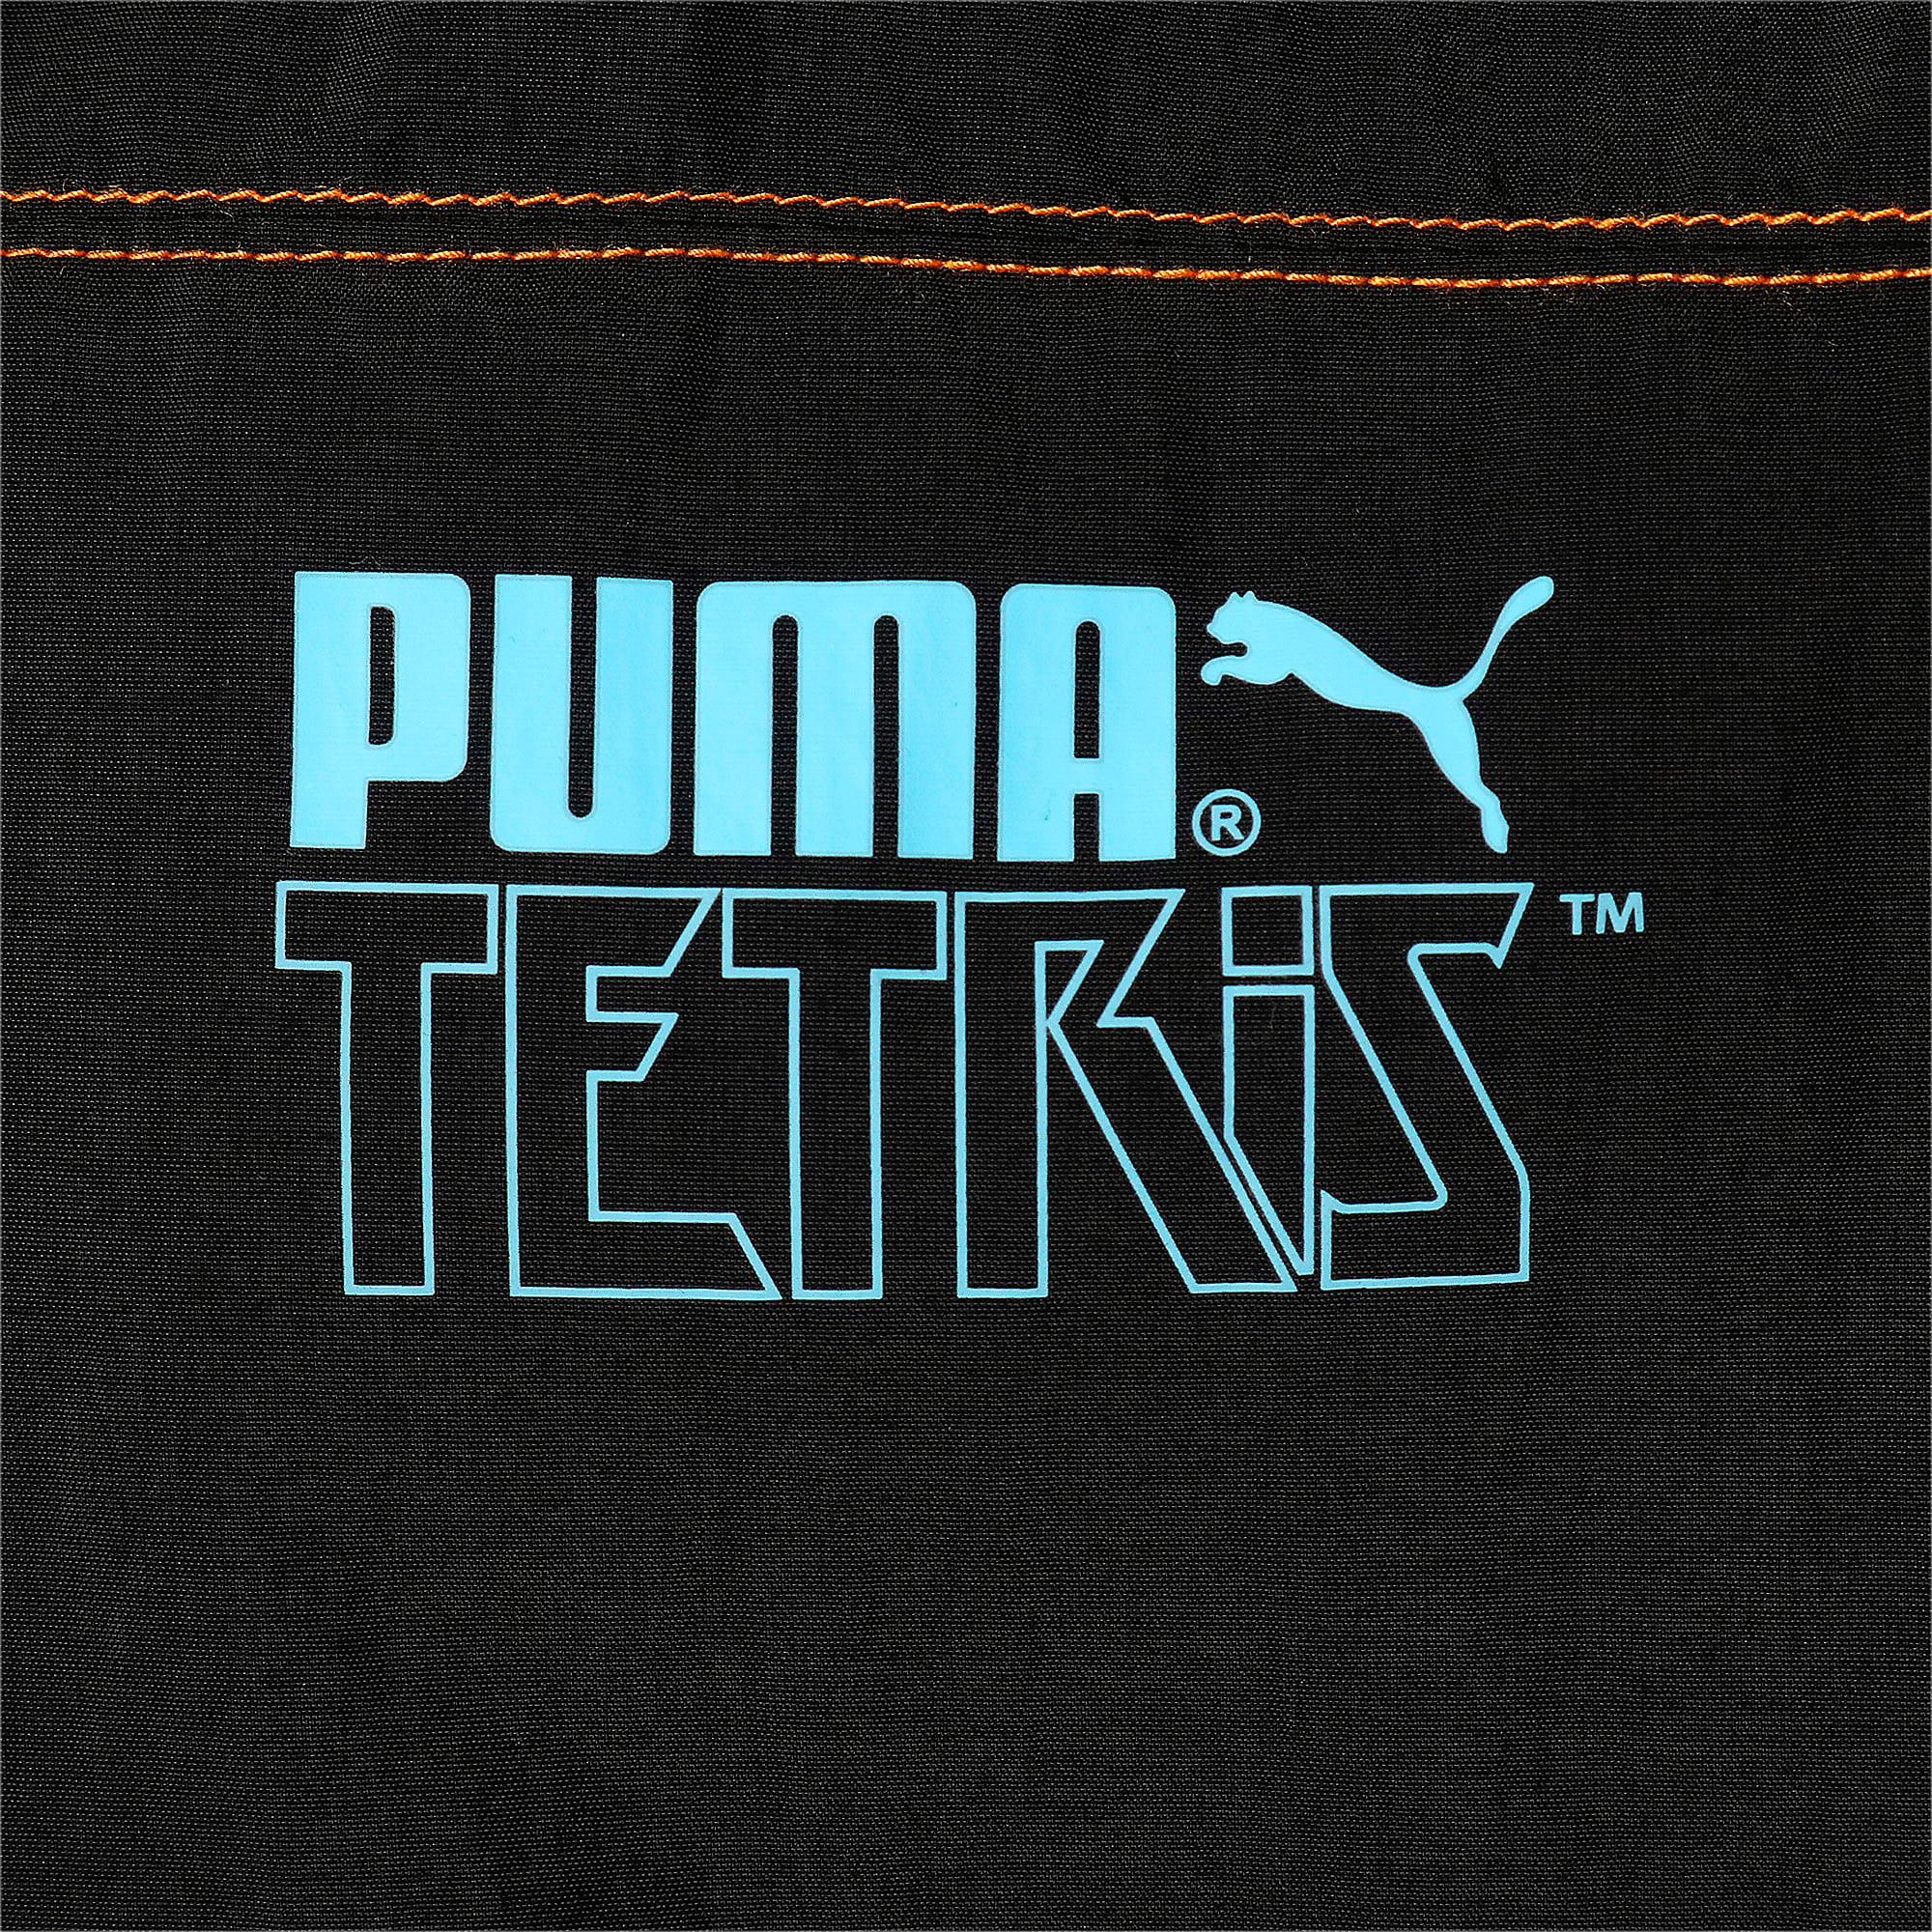 Thumbnail 4 of PUMA x TETRIS ユニセックス トラックジャケット, Puma Black, medium-JPN